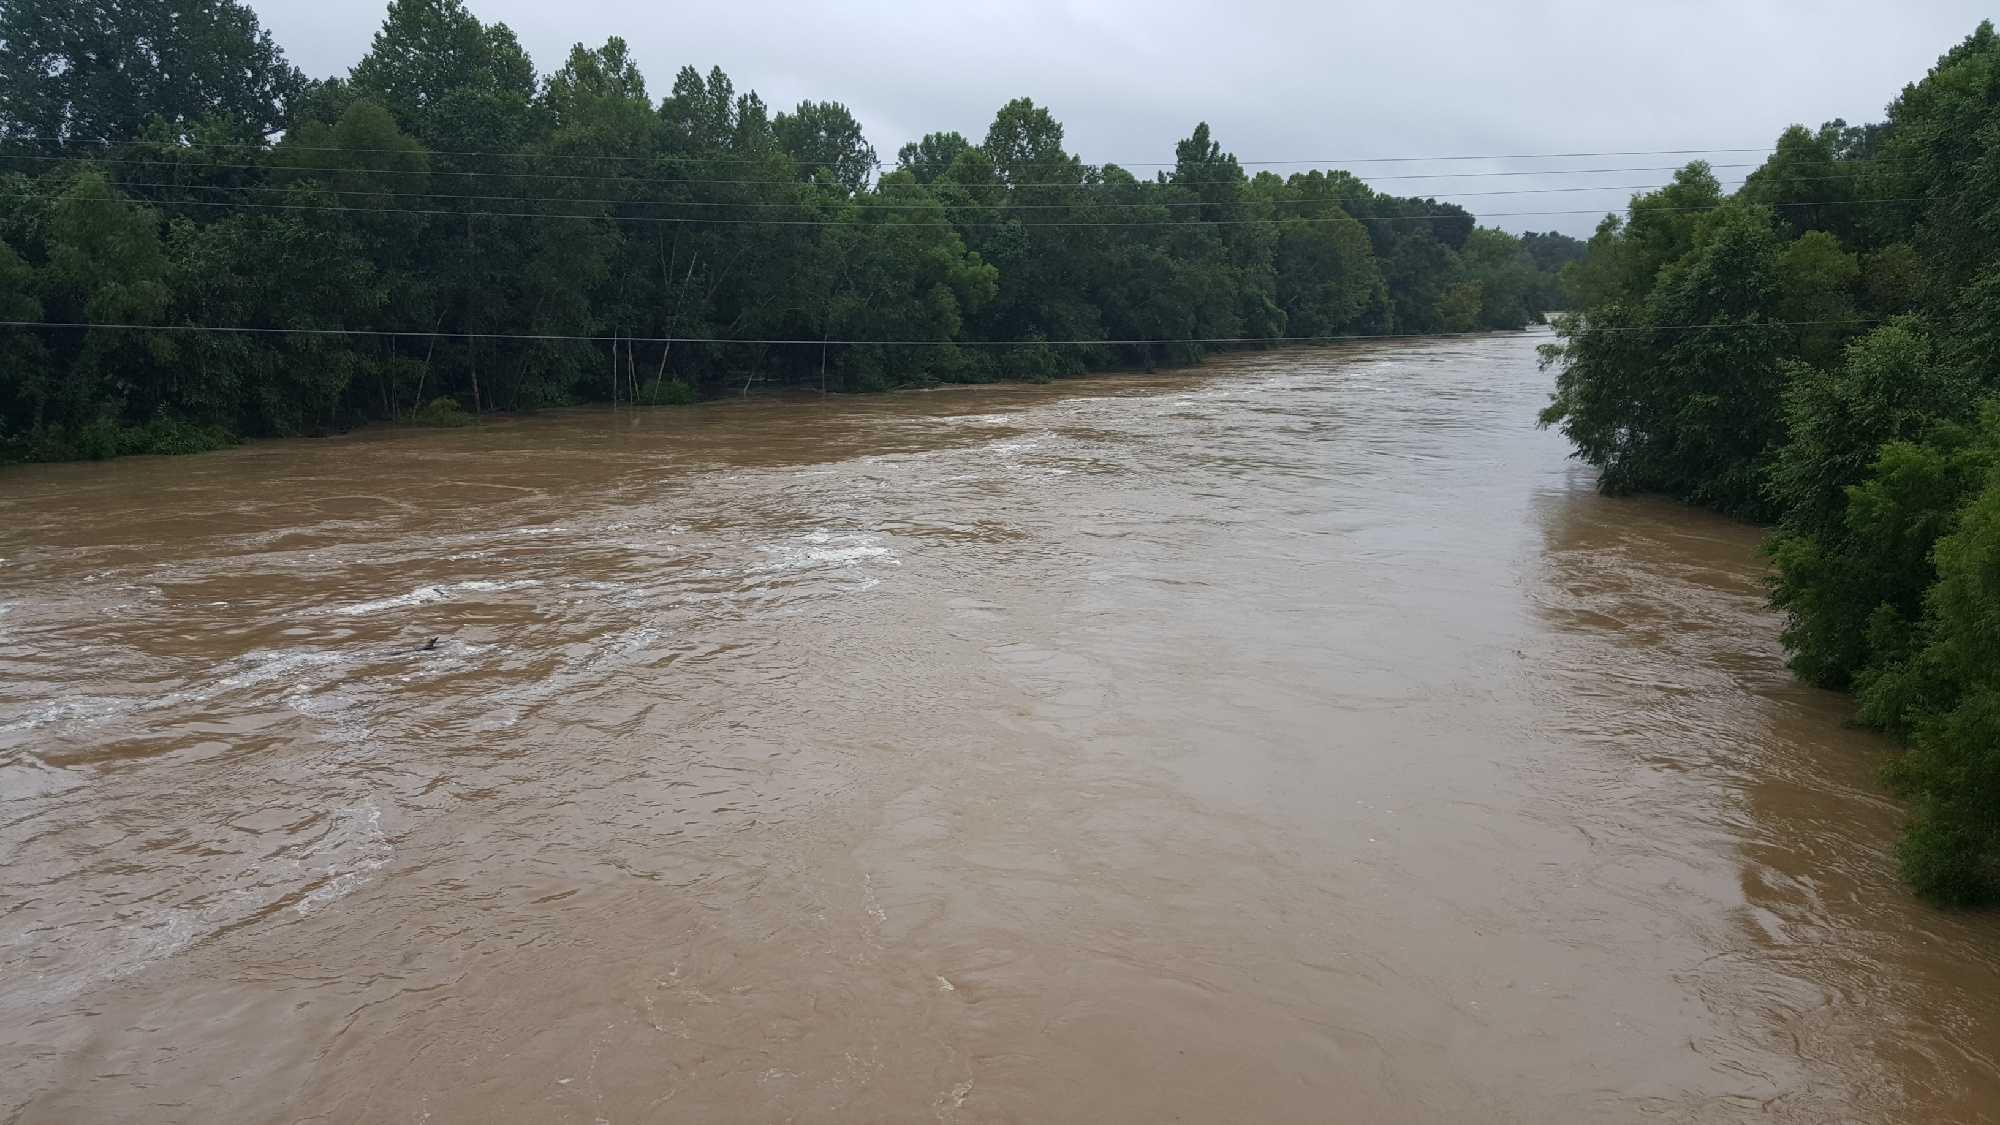 Bogue Chitto River